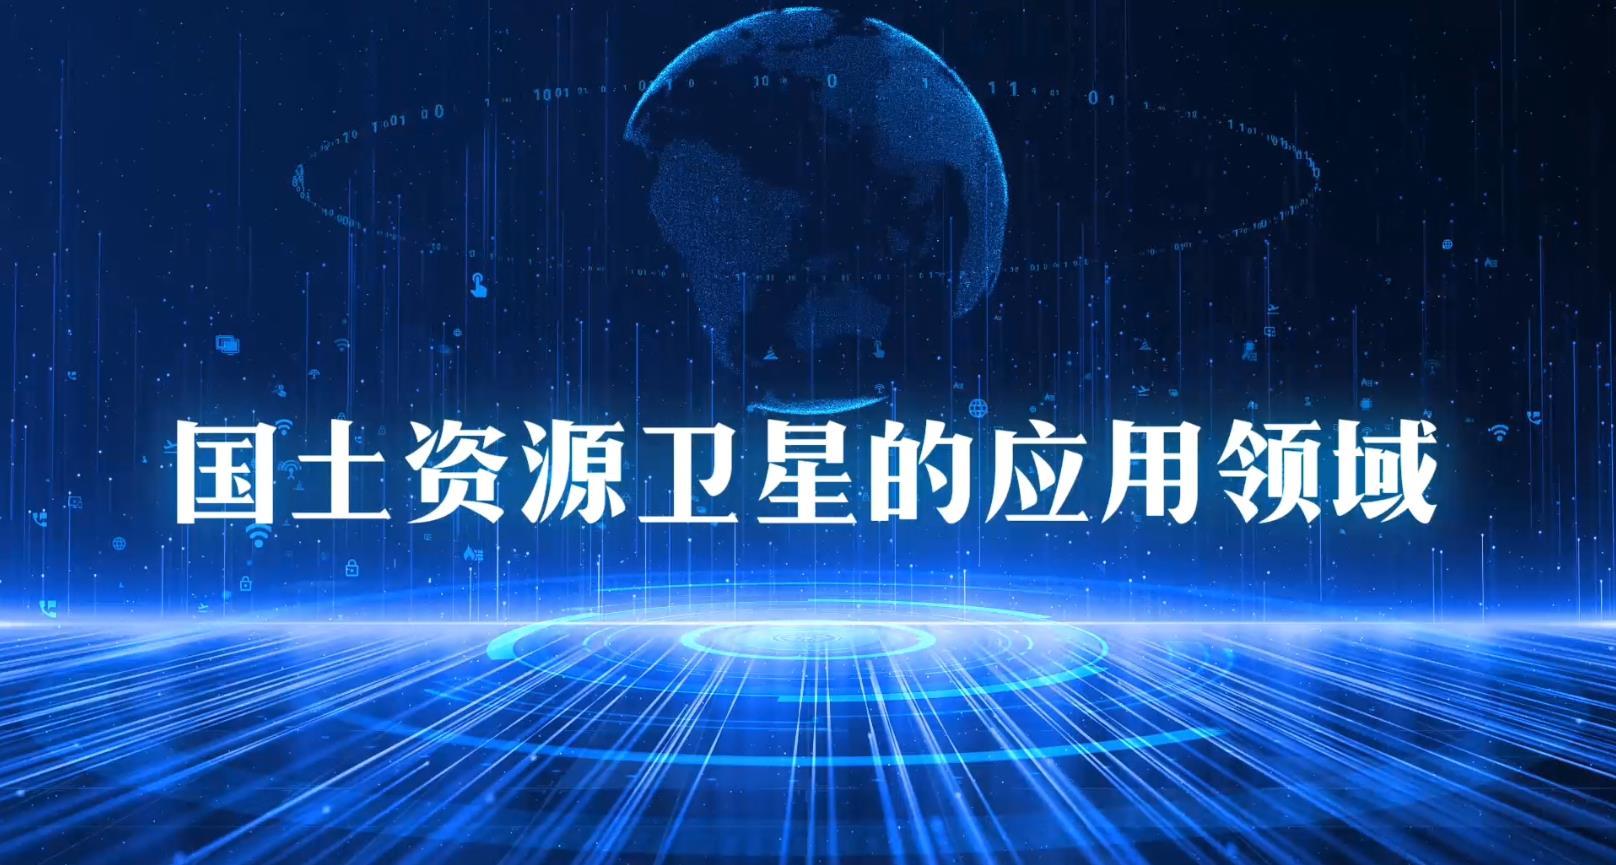 王权:国土资源卫星的应用领域